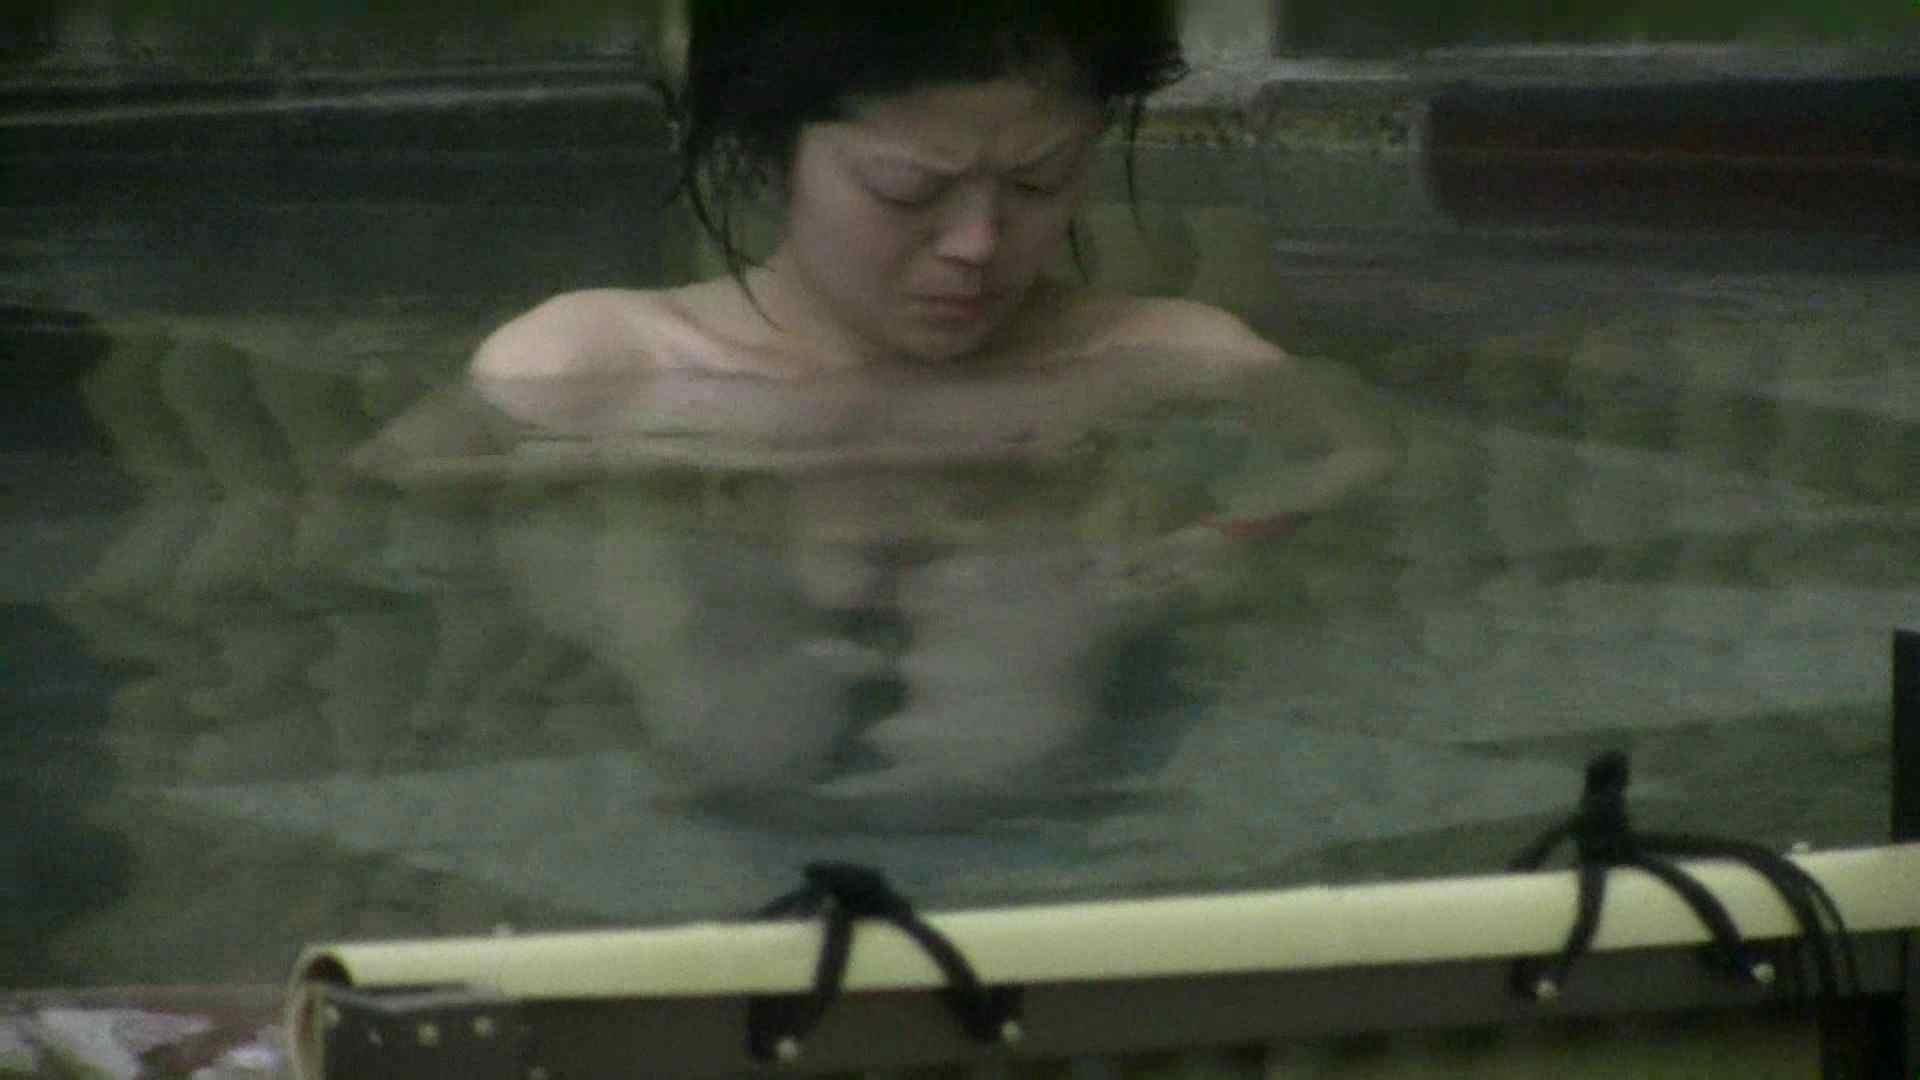 Aquaな露天風呂Vol.538 盗撮動画 | 露天風呂  11枚 9